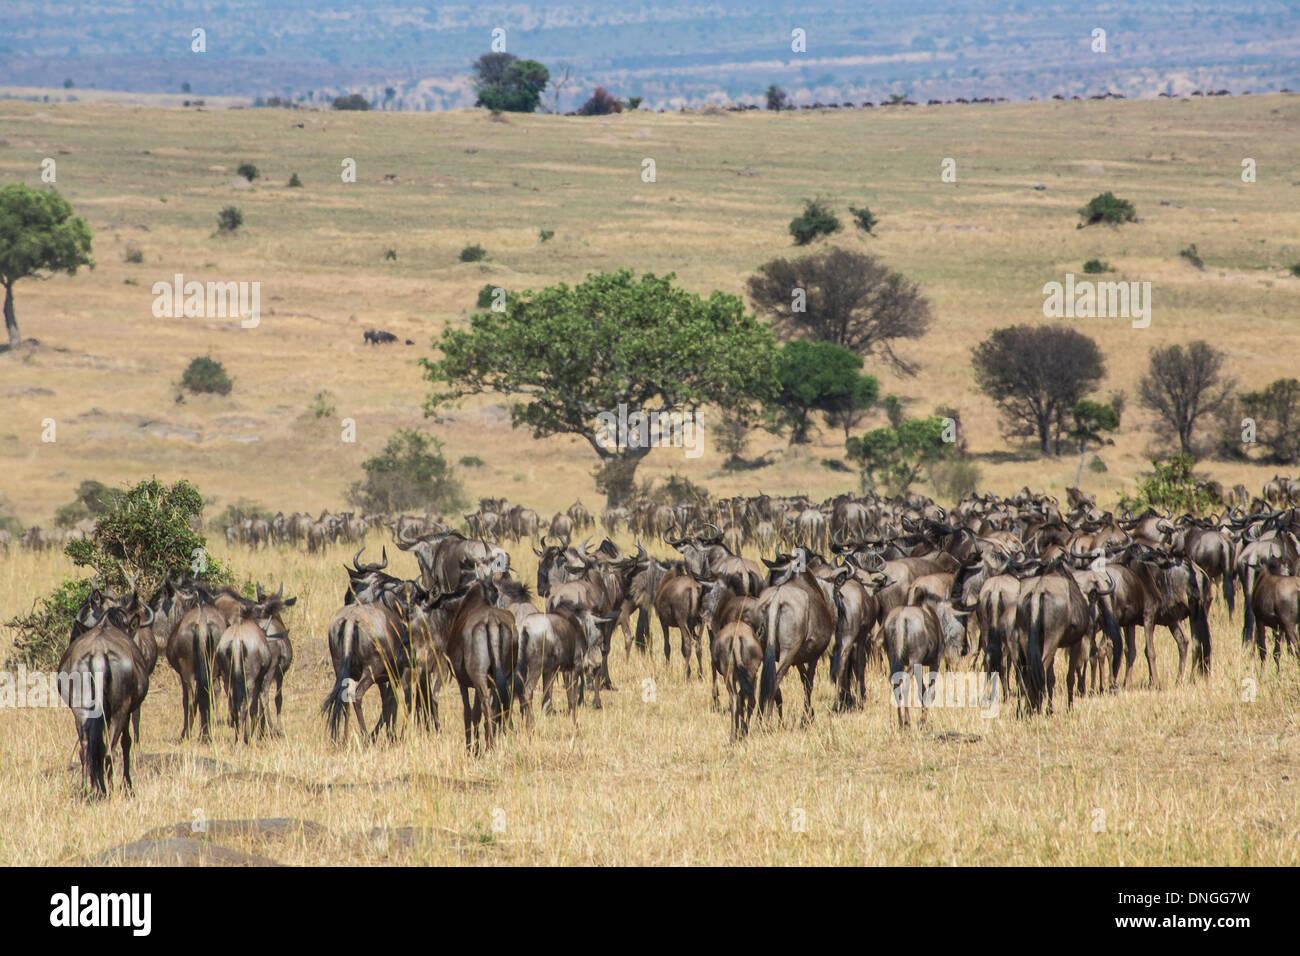 Great Migration at Serengeti National Park, Tanzania - Stock Image